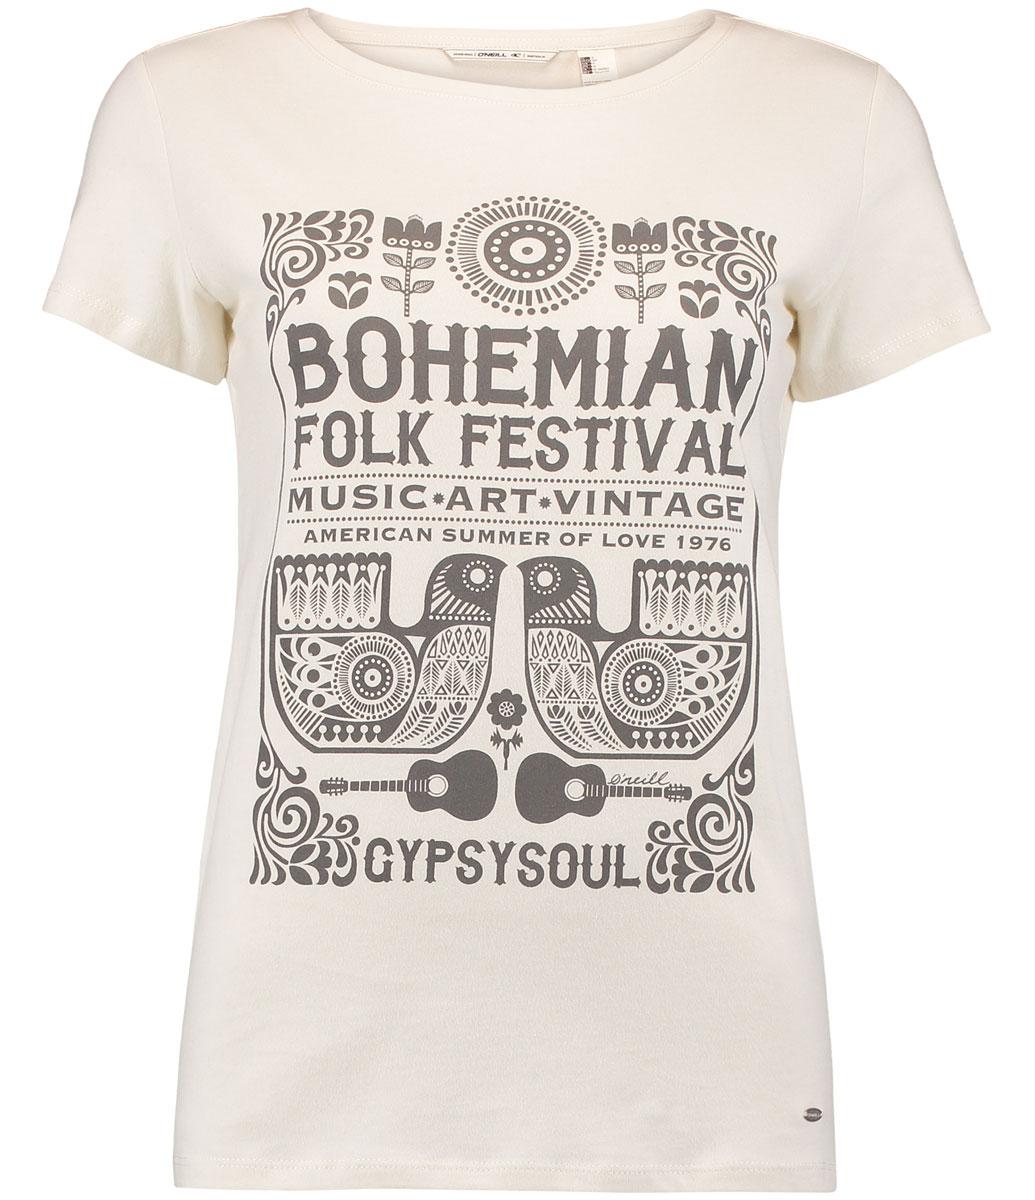 Футболка женская ONeill Lw Boho Festival T-Shirt, цвет: белый. 7A7330-1030. Размер XS (42/44)7A7330-1030Футболка женская ONeill выполнена из 100% хлопка. Модель имеет стандартный крой, короткий рукав и круглый вырез горловины. Футболка дополнена надписями в стиле бохо.